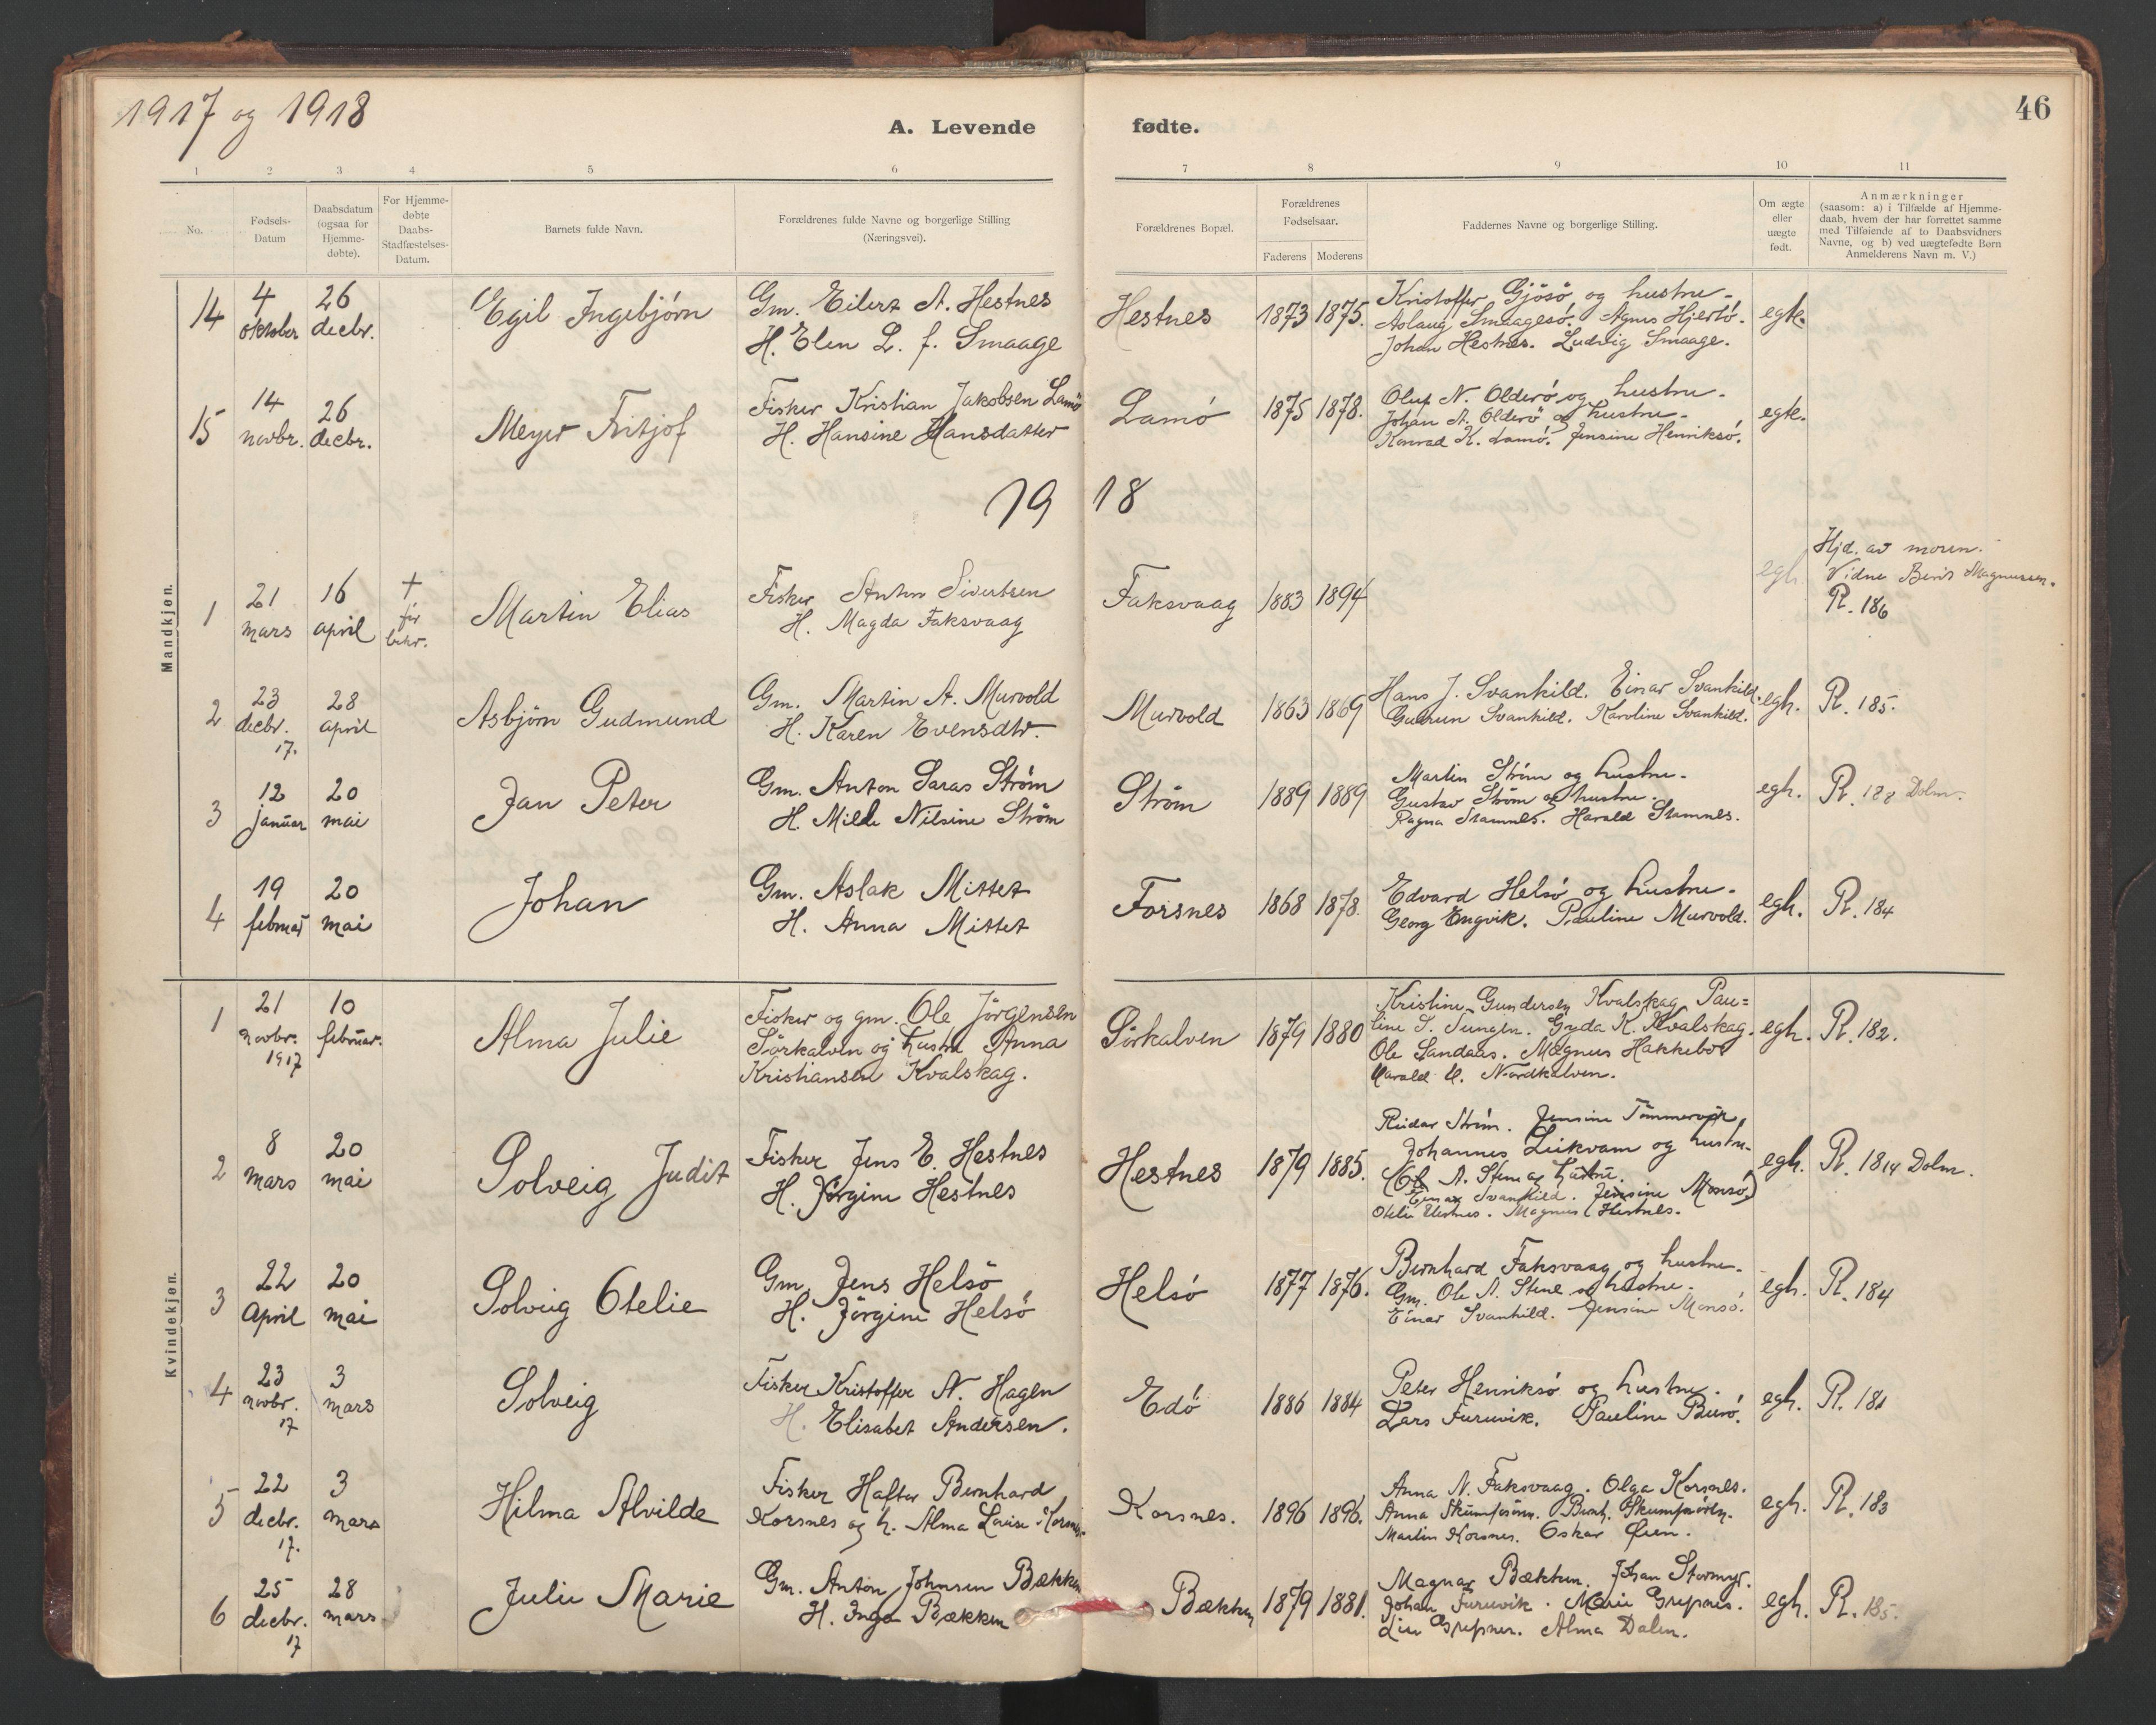 SAT, Ministerialprotokoller, klokkerbøker og fødselsregistre - Sør-Trøndelag, 635/L0552: Ministerialbok nr. 635A02, 1899-1919, s. 46